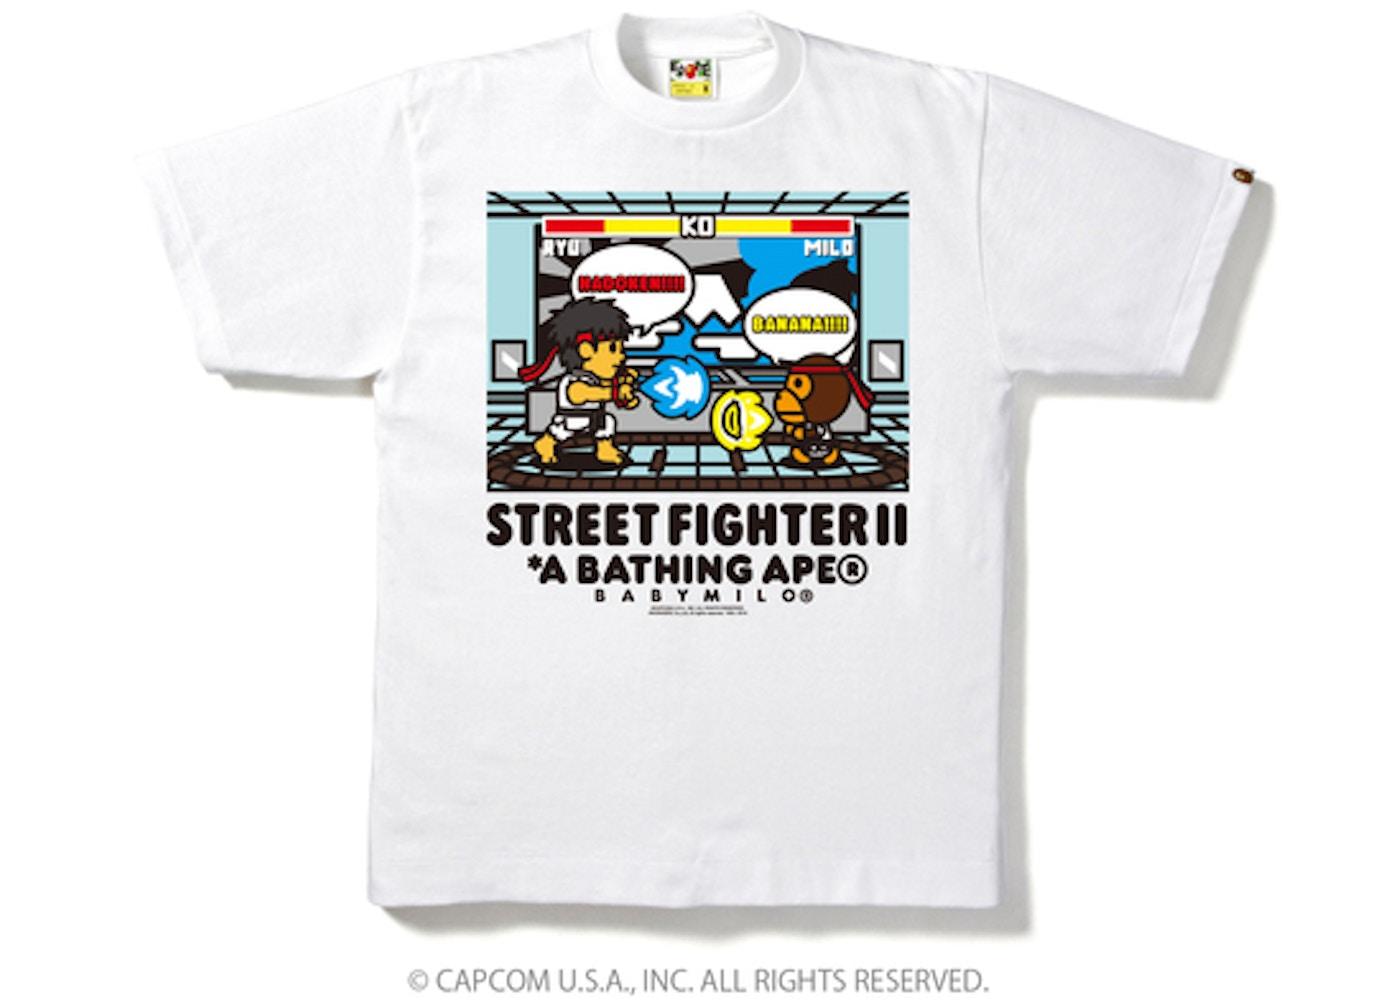 fbf0e17d8 BAPE X Capcom Milo Street Fighter 2 Tee 2 White -